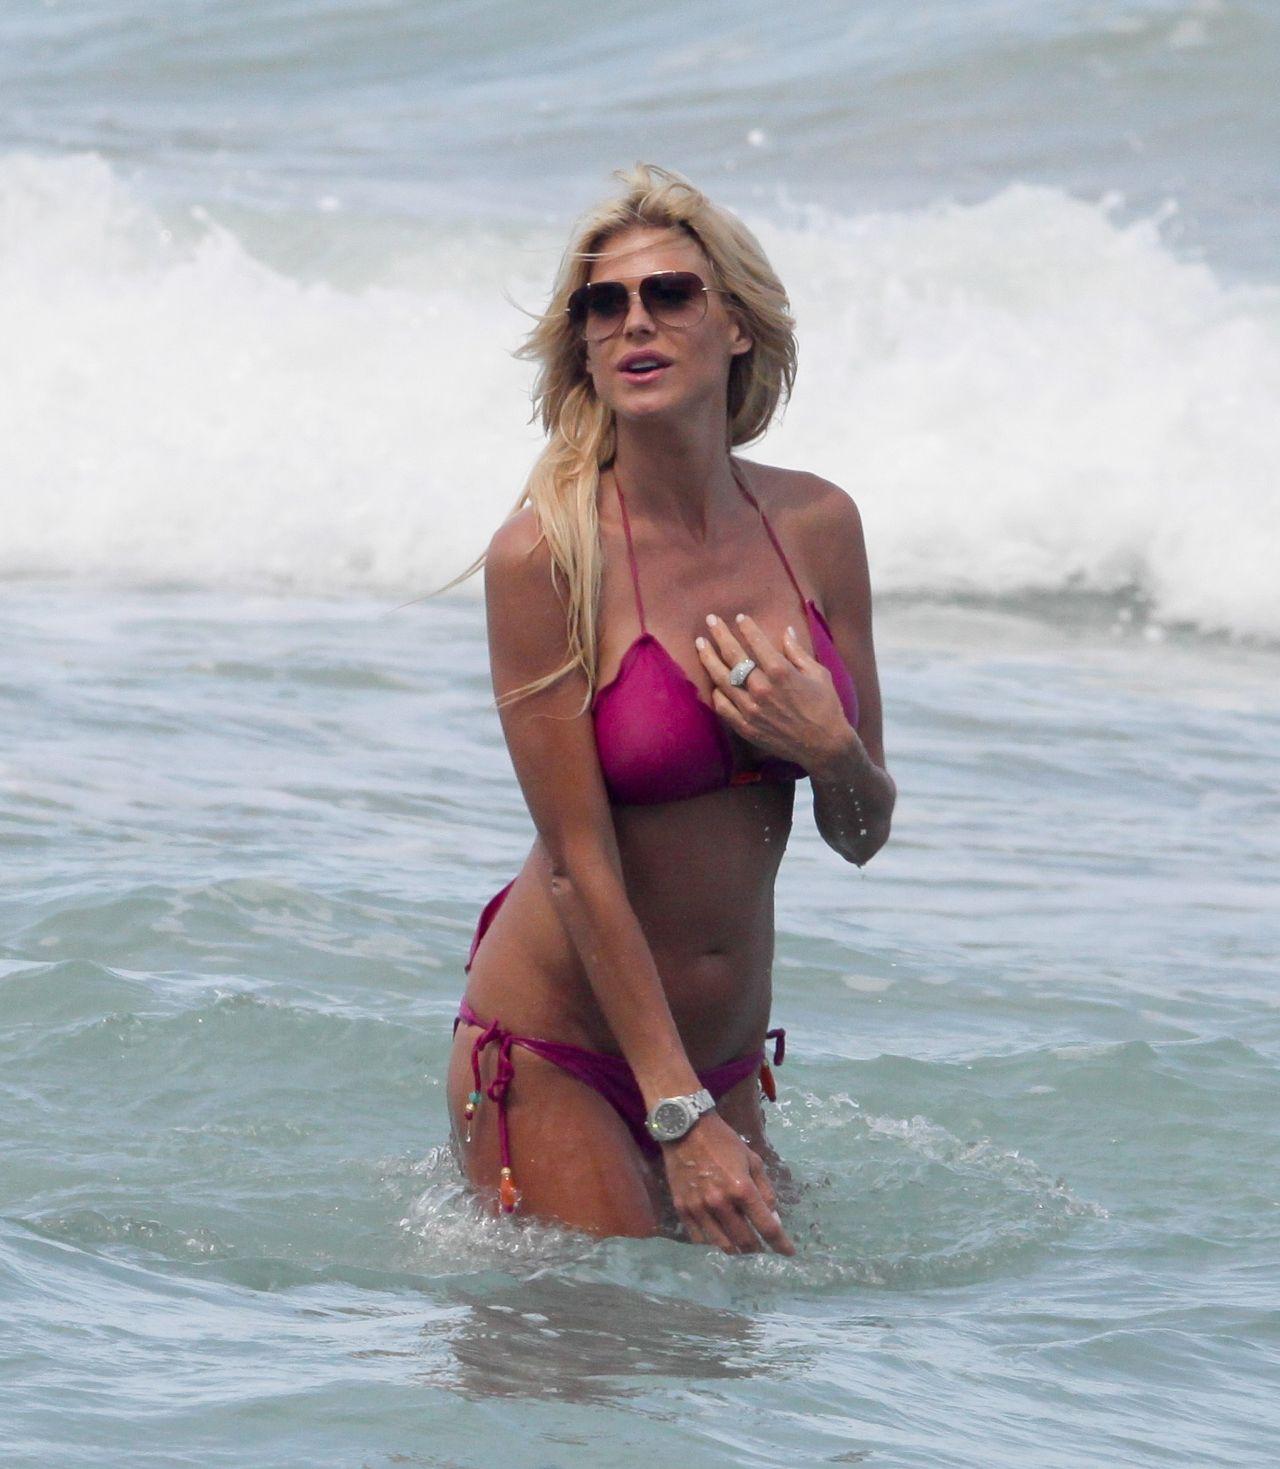 Victoria Silvstedt in Red Bikini in Miami Pic 3 of 35